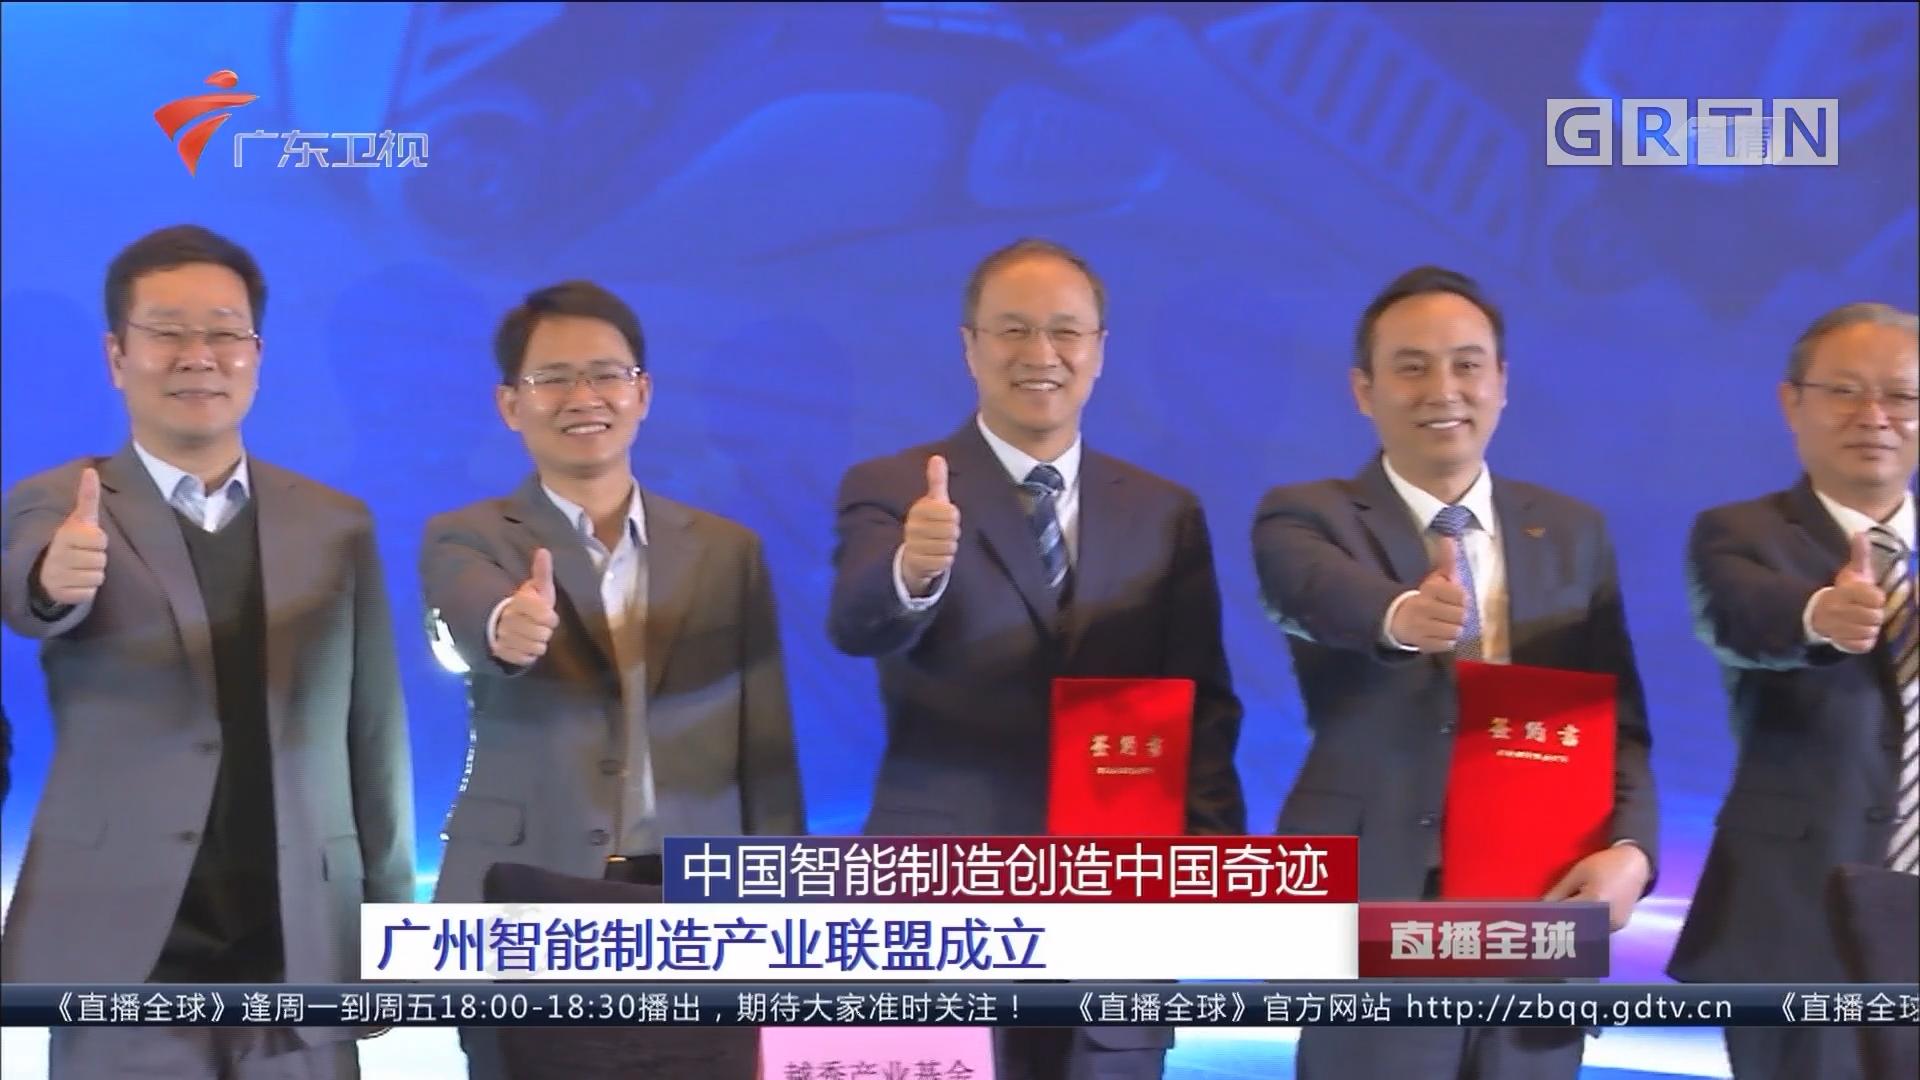 中国智能制造创造中国奇迹 广州智能制造产业联盟成立